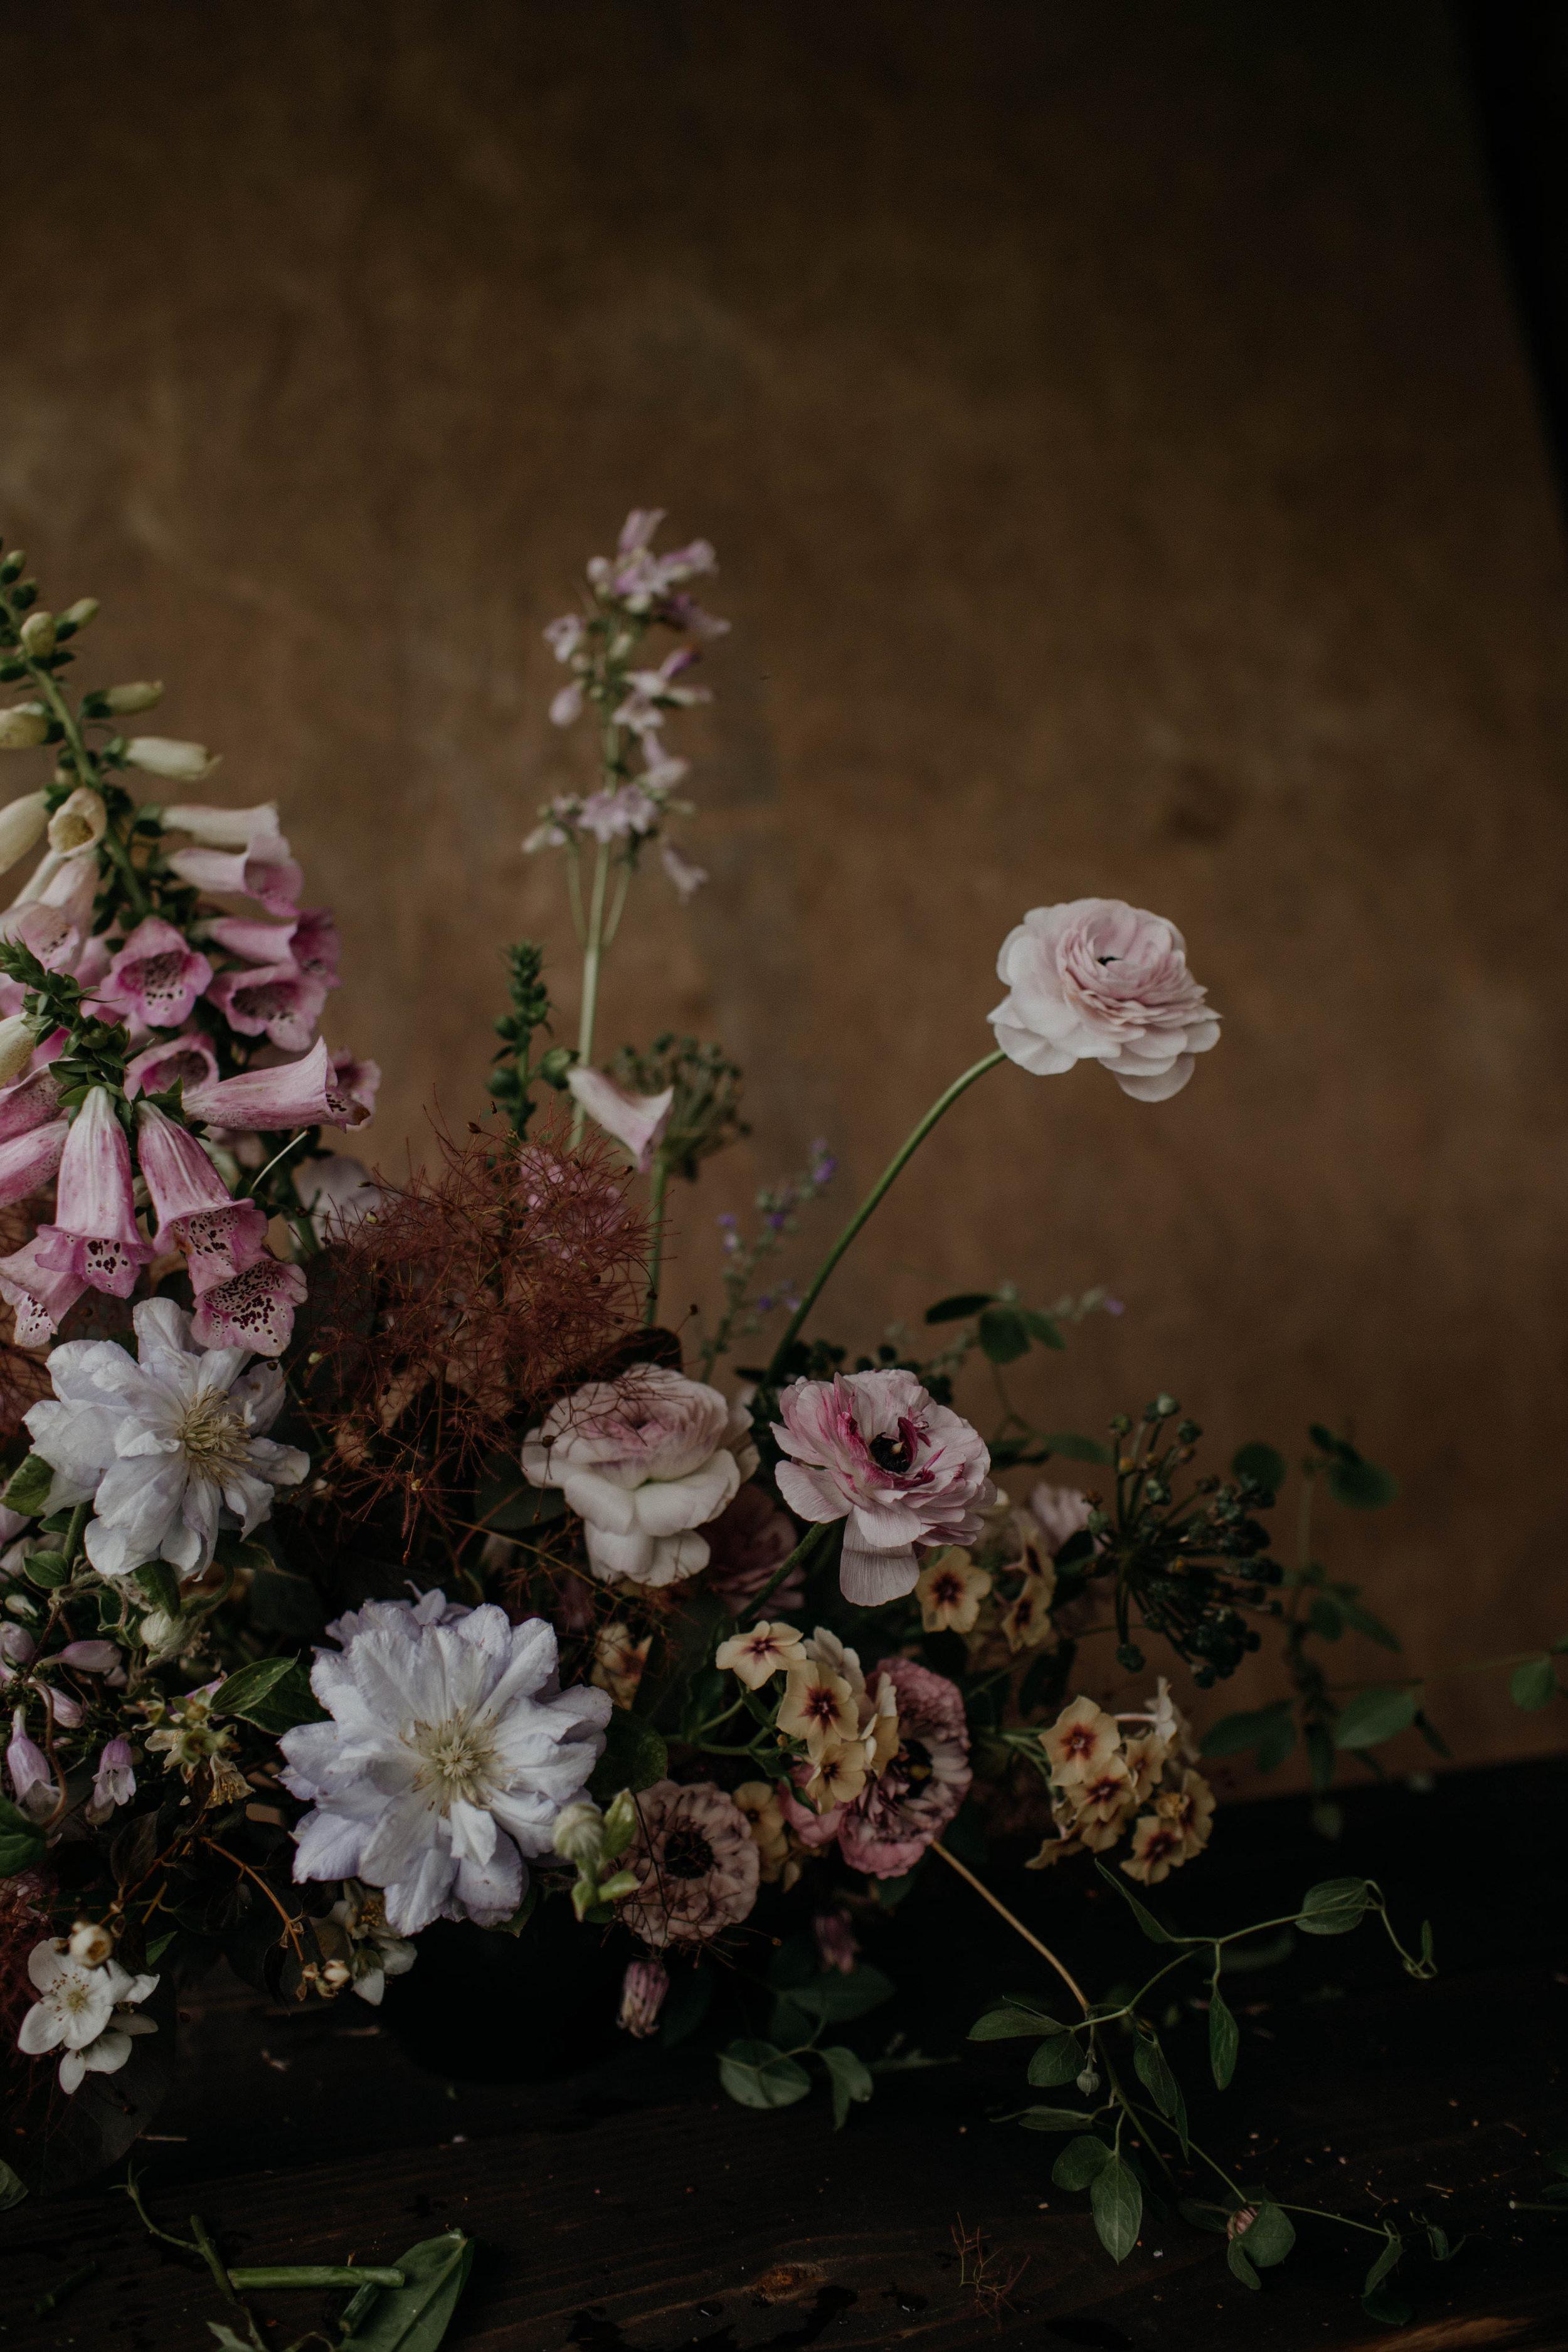 nashville floral workshop nashville tennessee wedding photographer63.jpg